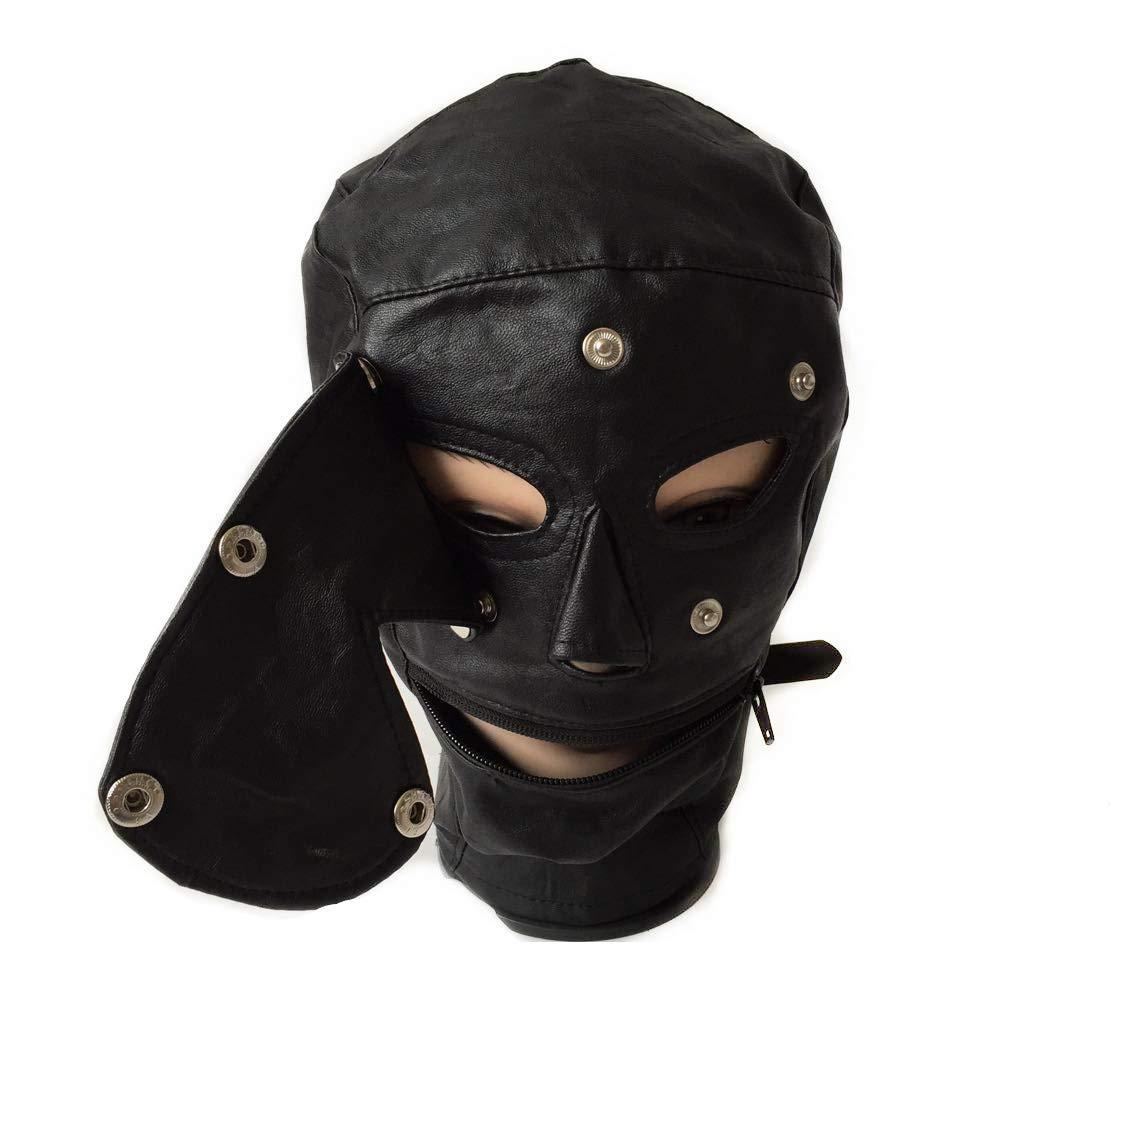 Jacquelyn - Arnés de Piel para la la para Cabeza con diseño de máscara de Cuero. Ojos de Boca Abierta. Máscara de Cofre de Bondage con Fetiche erótico para Colillas de Pareja 8b0750